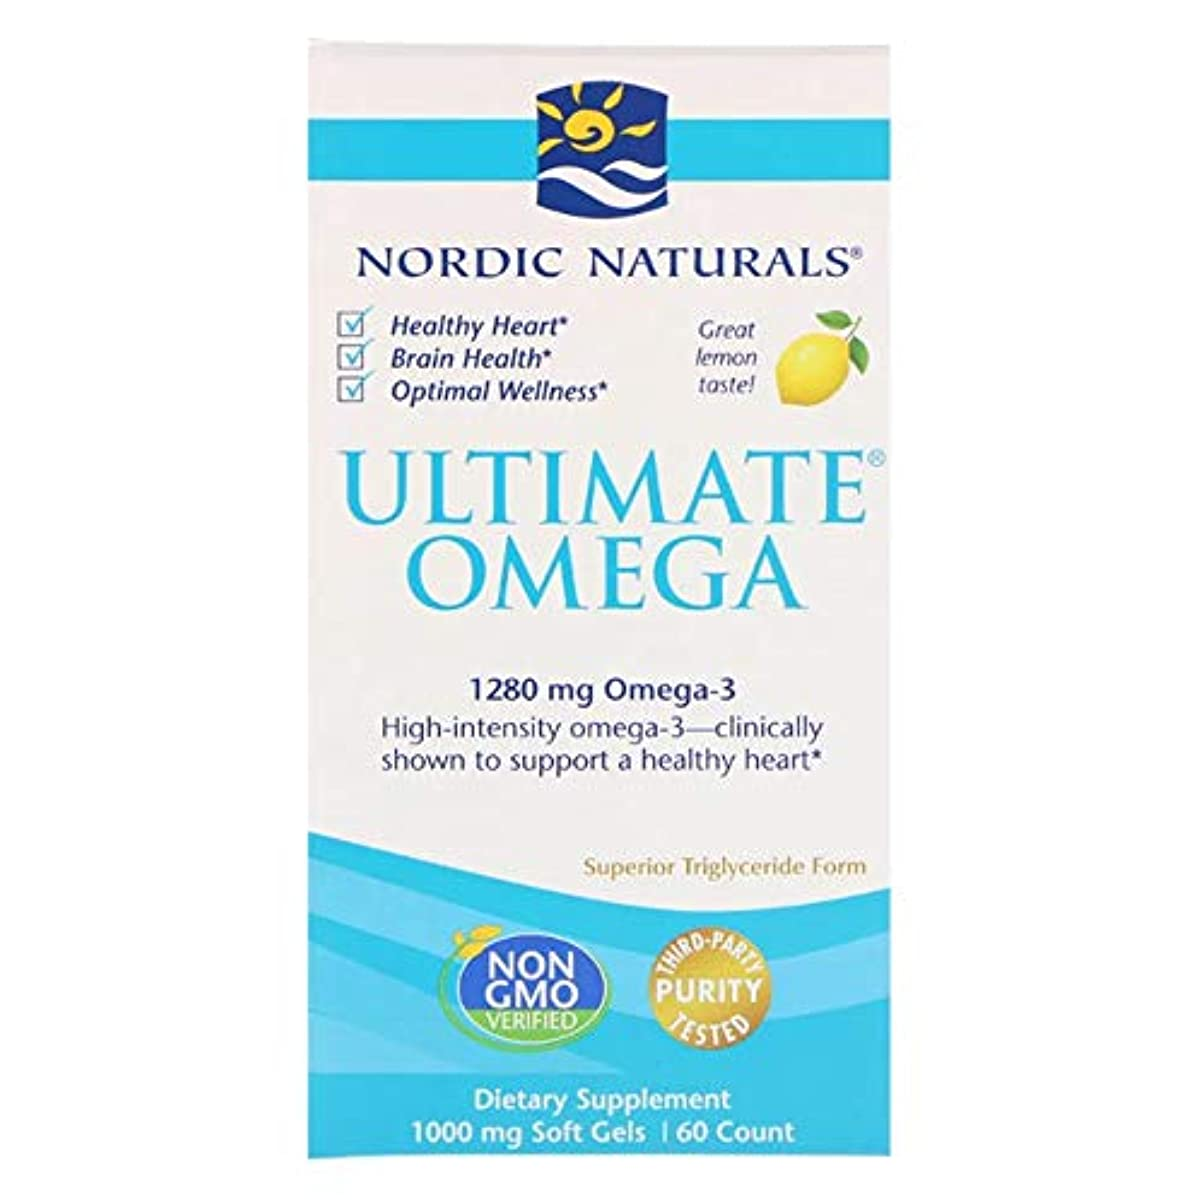 宇宙船救援強度Nordic Naturals 究極のオメガ レモン 1280 mg 60ソフトゼリー 【アメリカ直送】